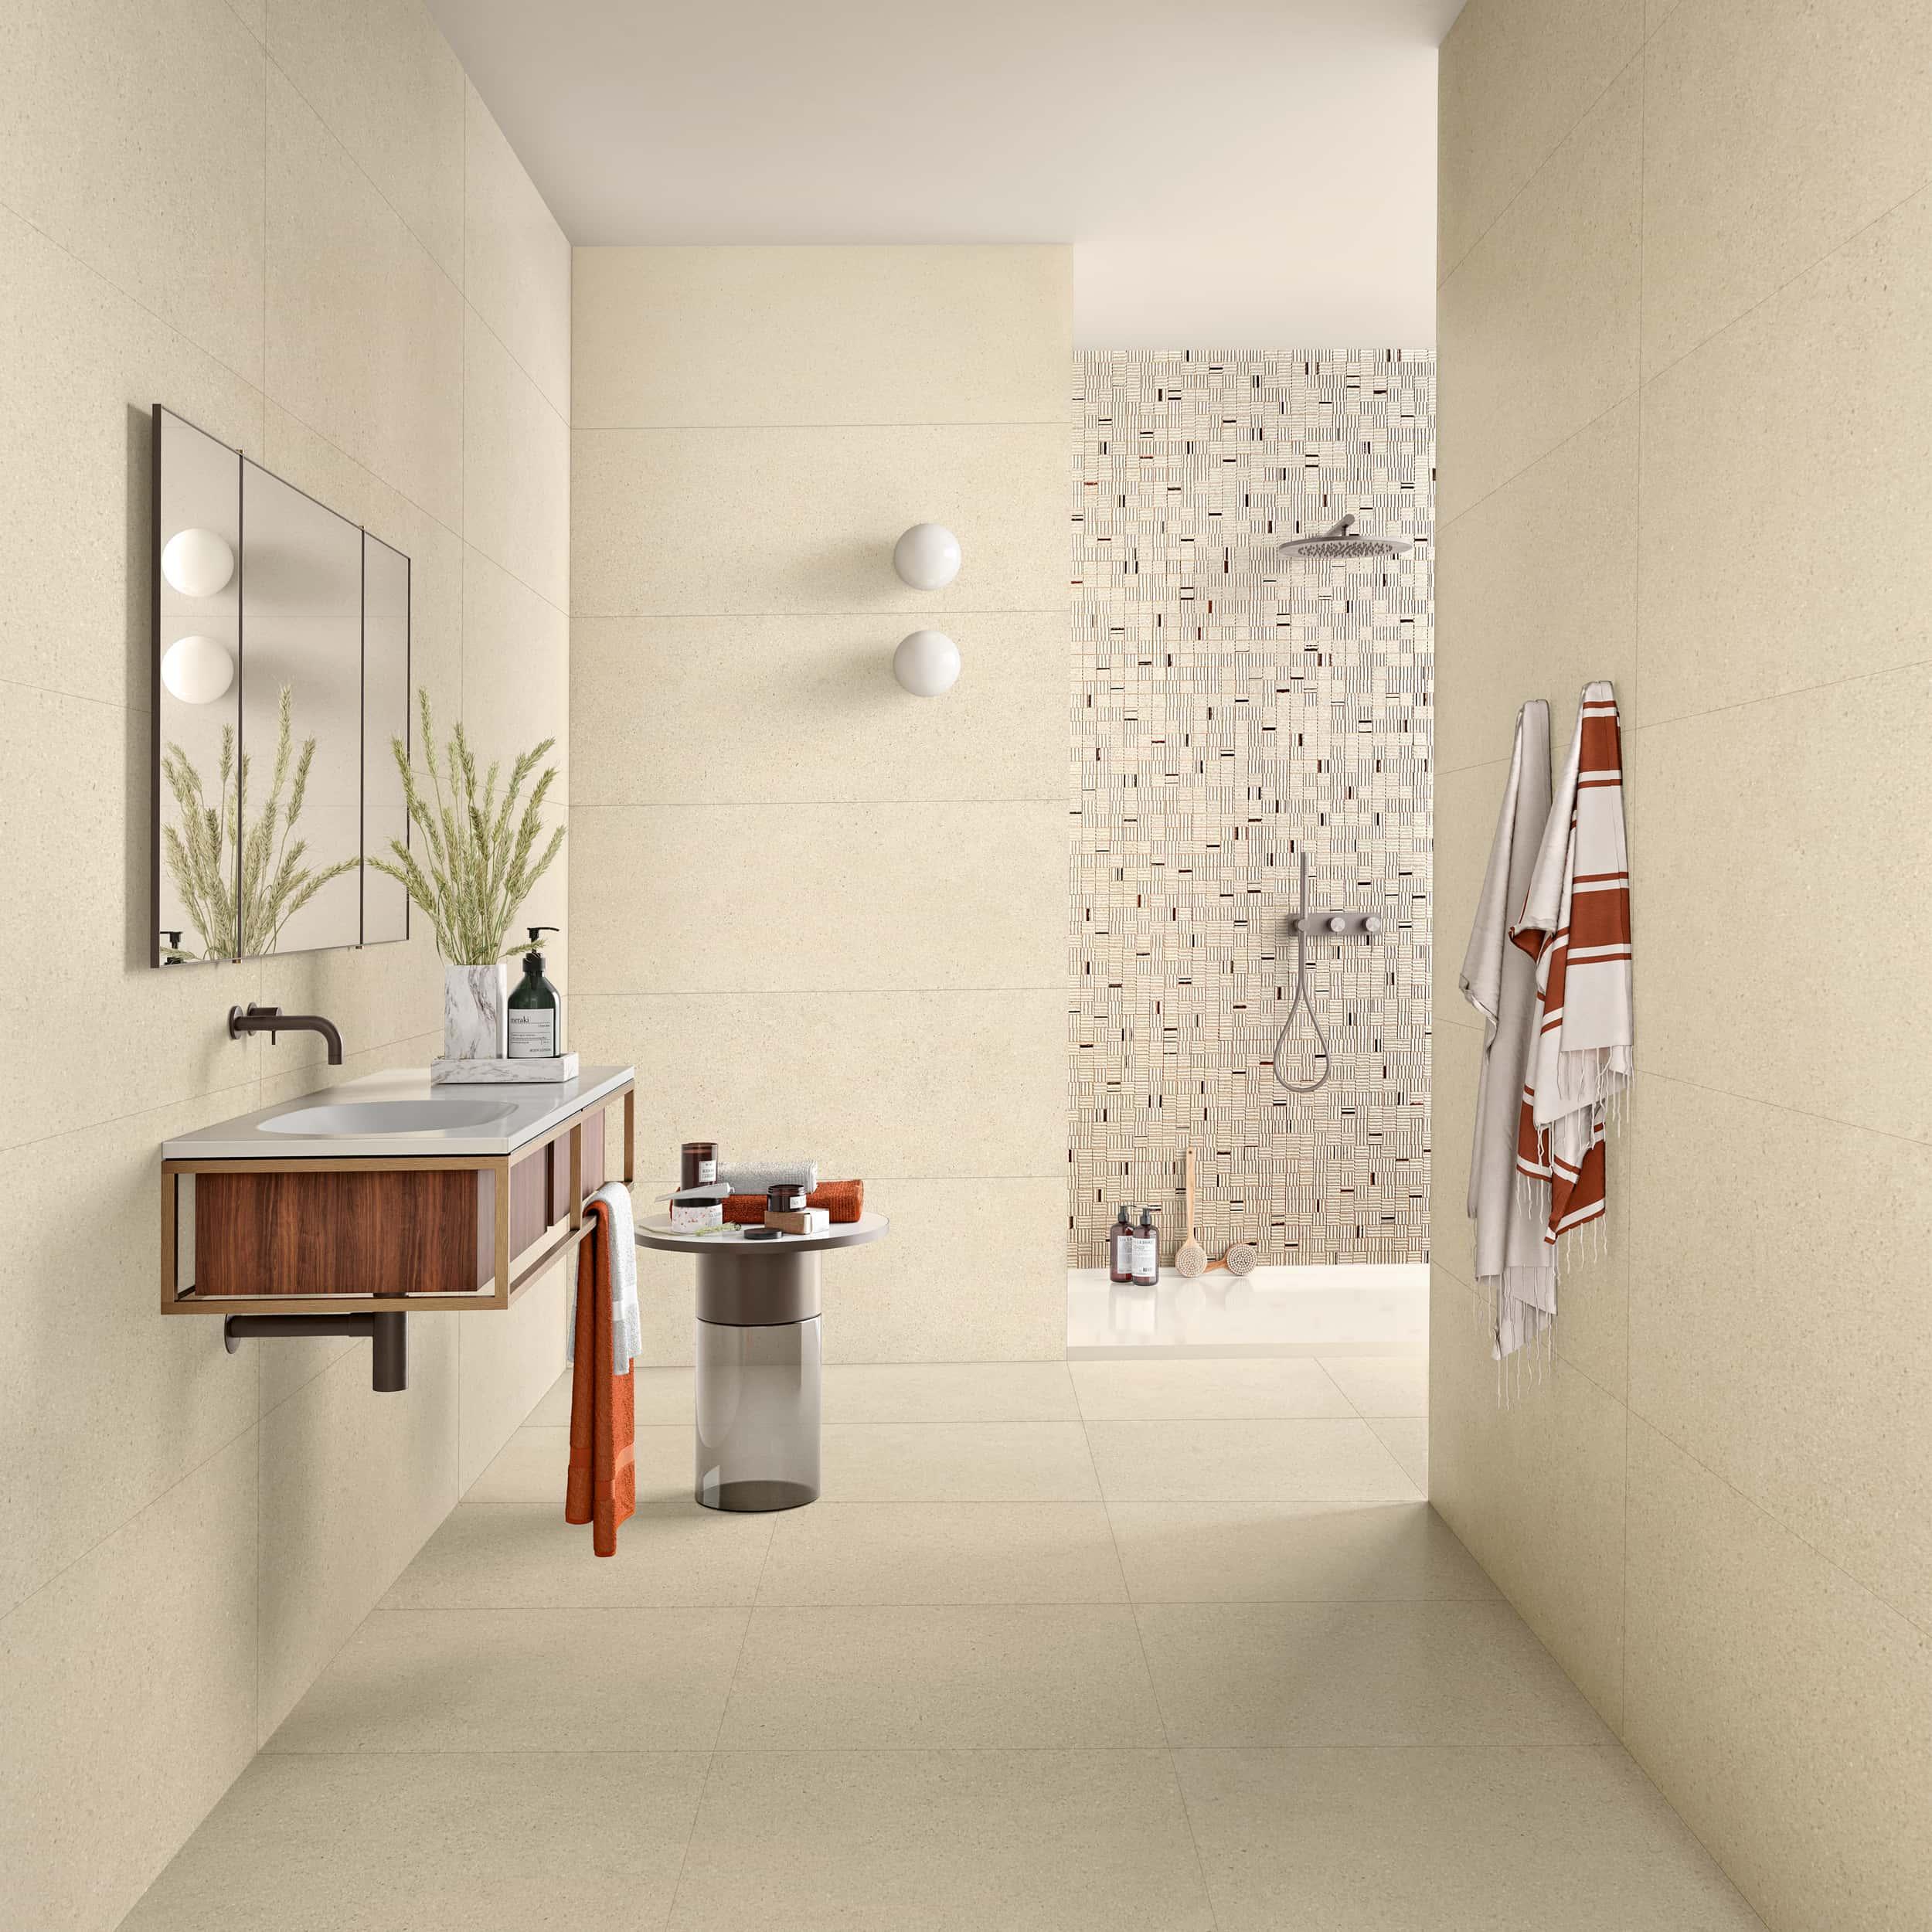 Stark Beige - 45 x 120 RET. | Mosaico Stark Beige - 35 x 35 | Stark Beige - 60 x 60 RET.